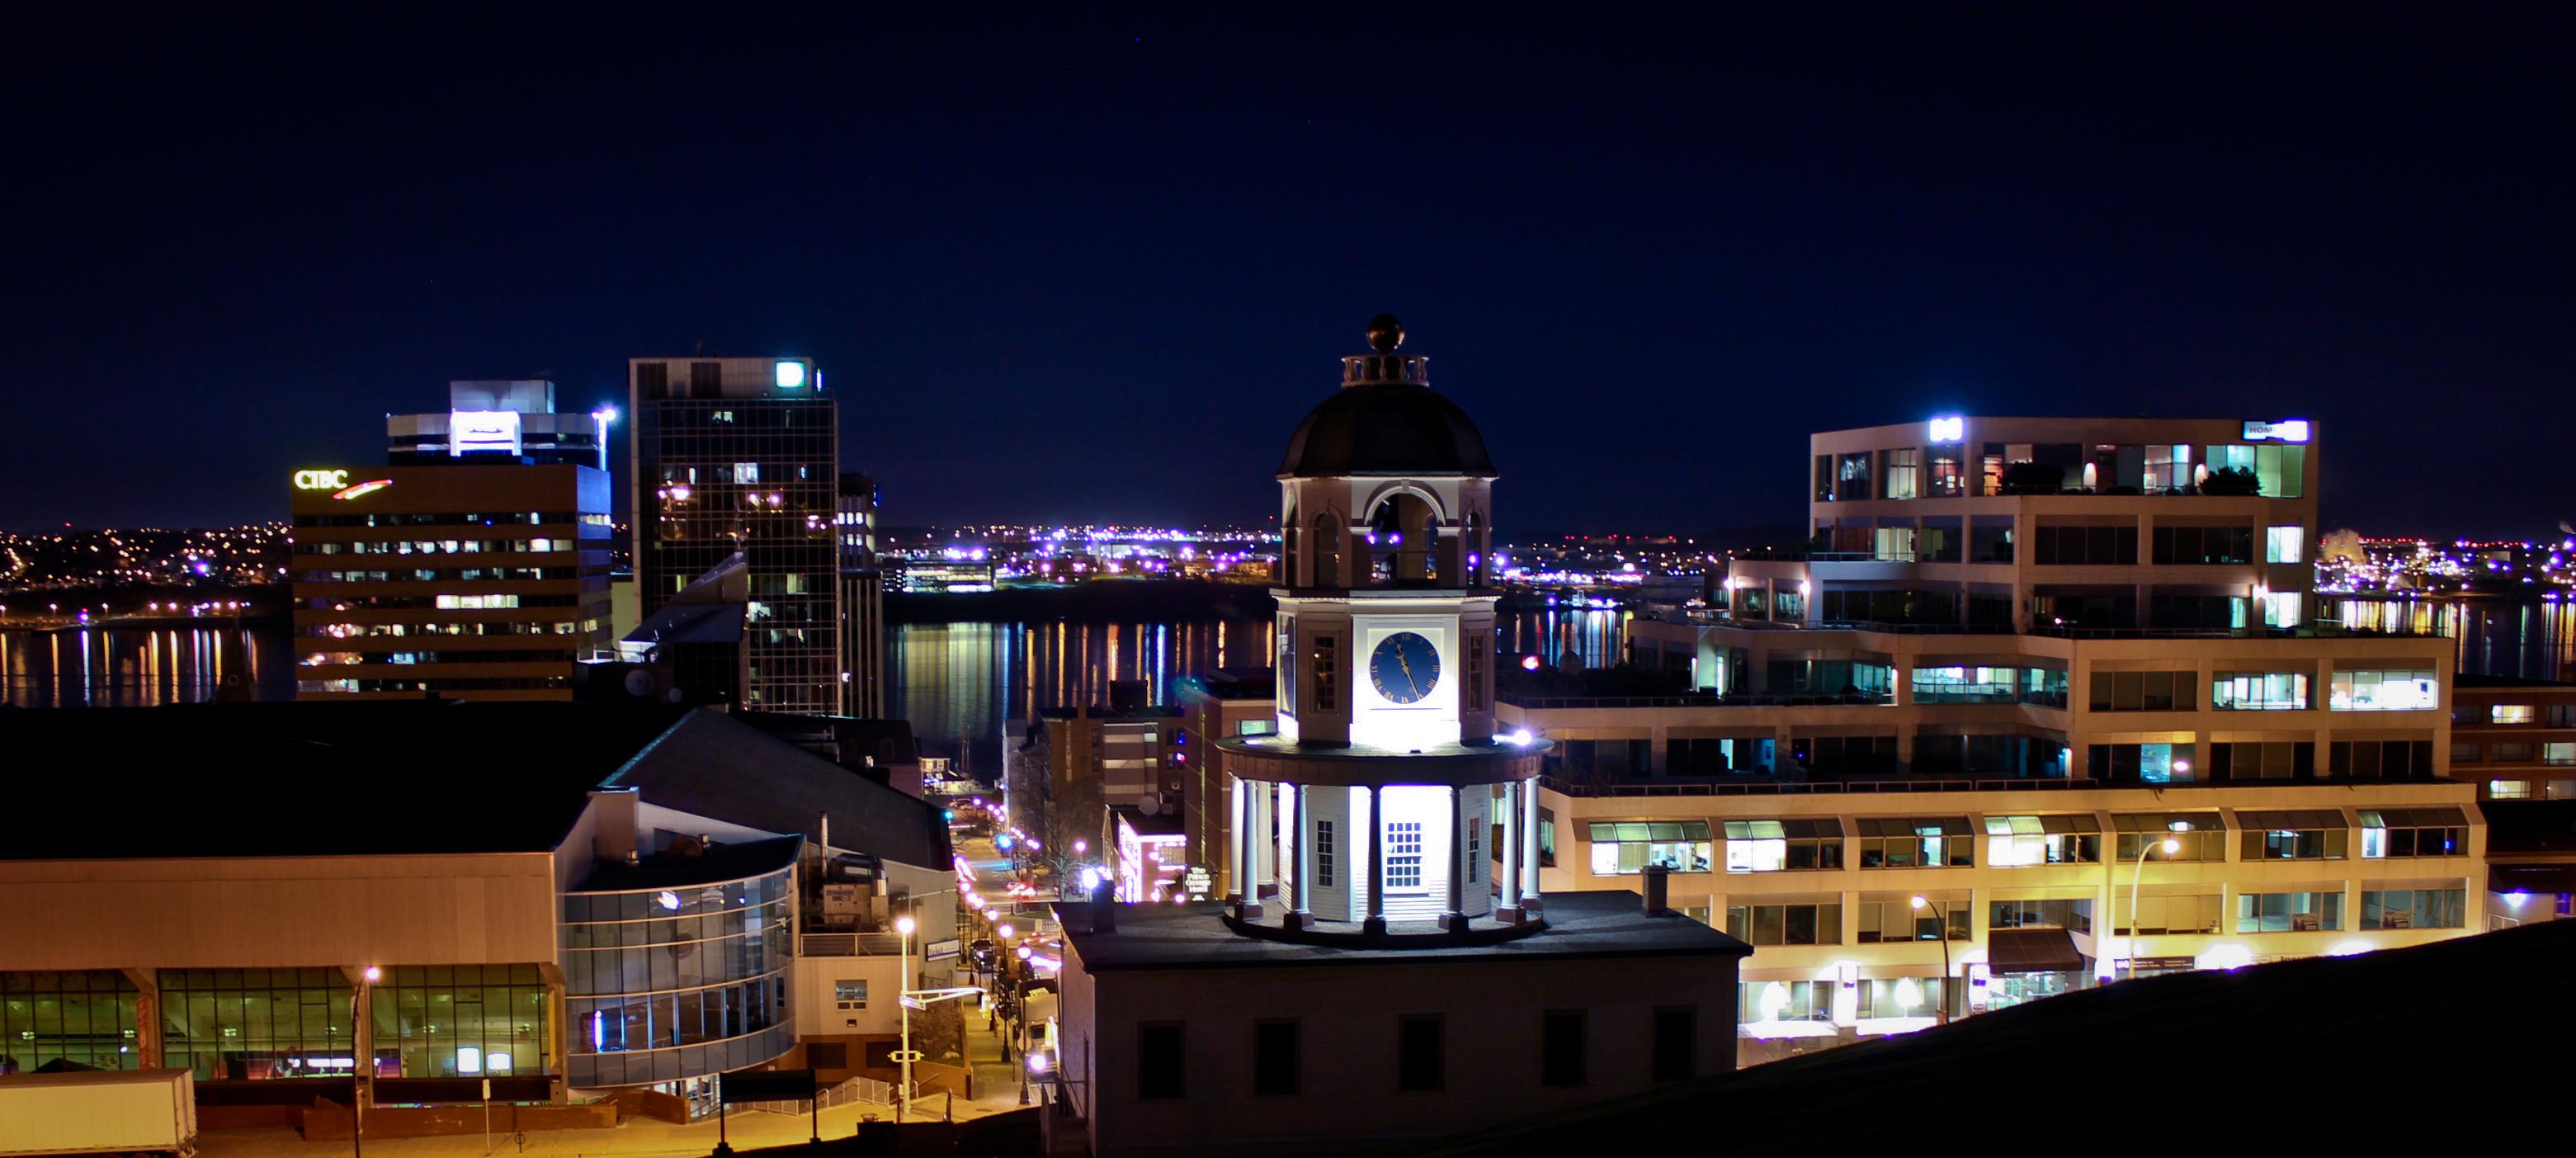 Town_Clock_Halifax_NS_May_2012